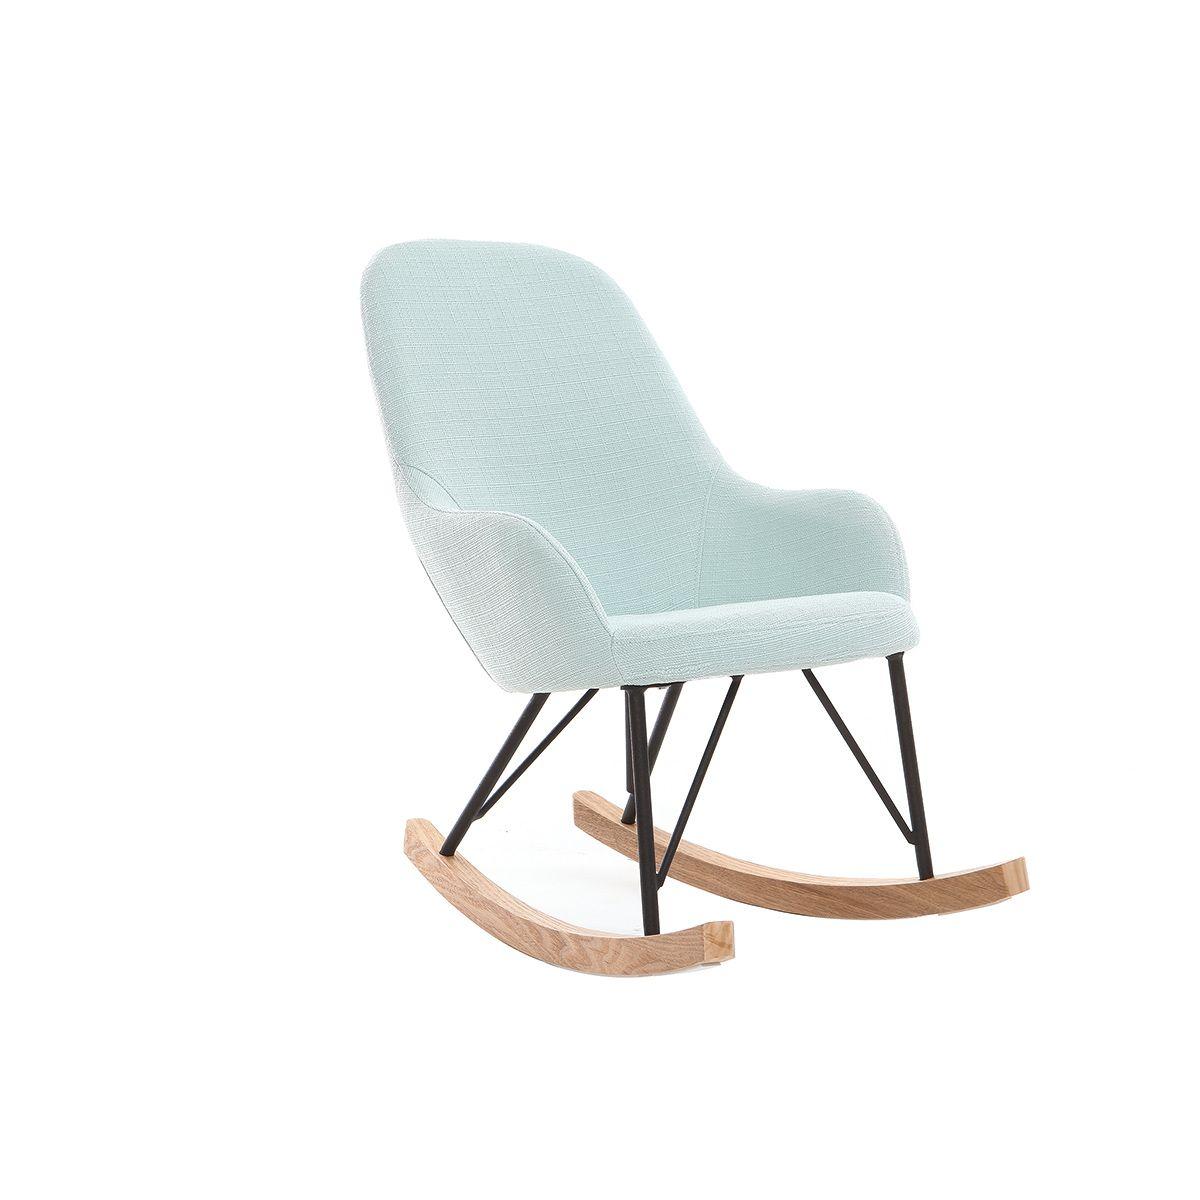 Poltrona relax – Baby sedia a dondolo tessuto verde acqua gambe in metallo e frassino JHENE Offerte e sconti